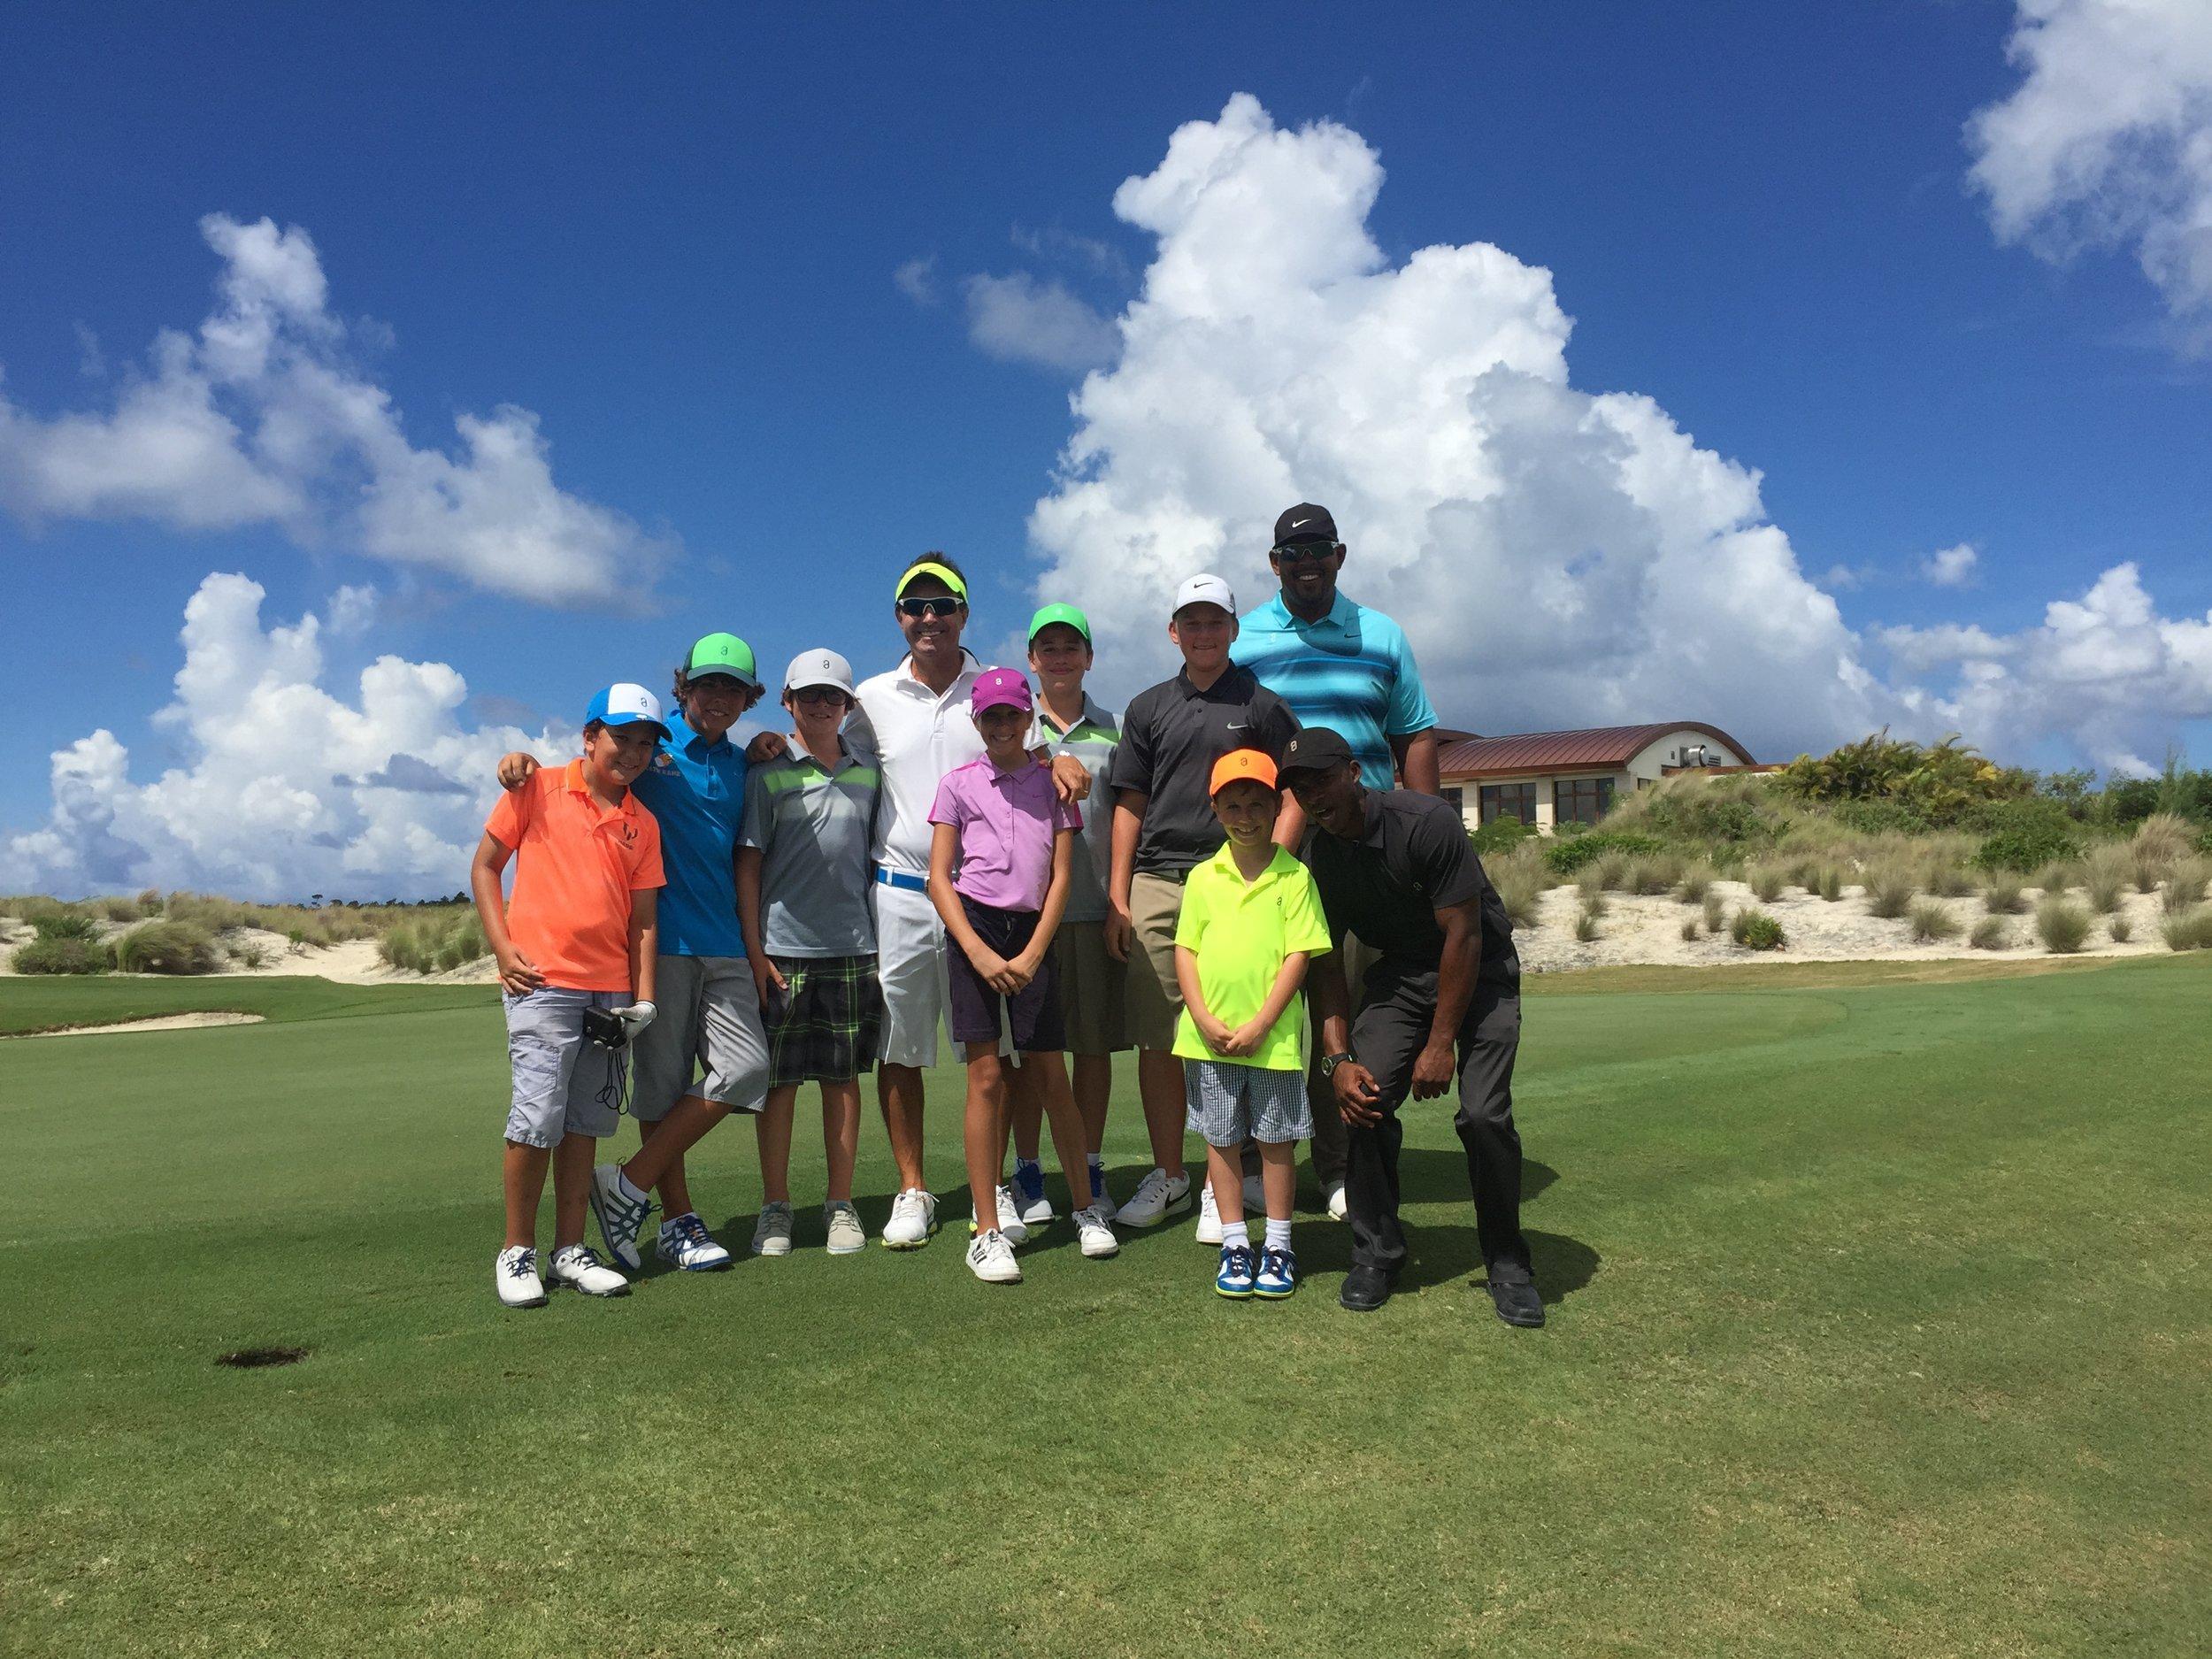 bahamas-summer-camp-group